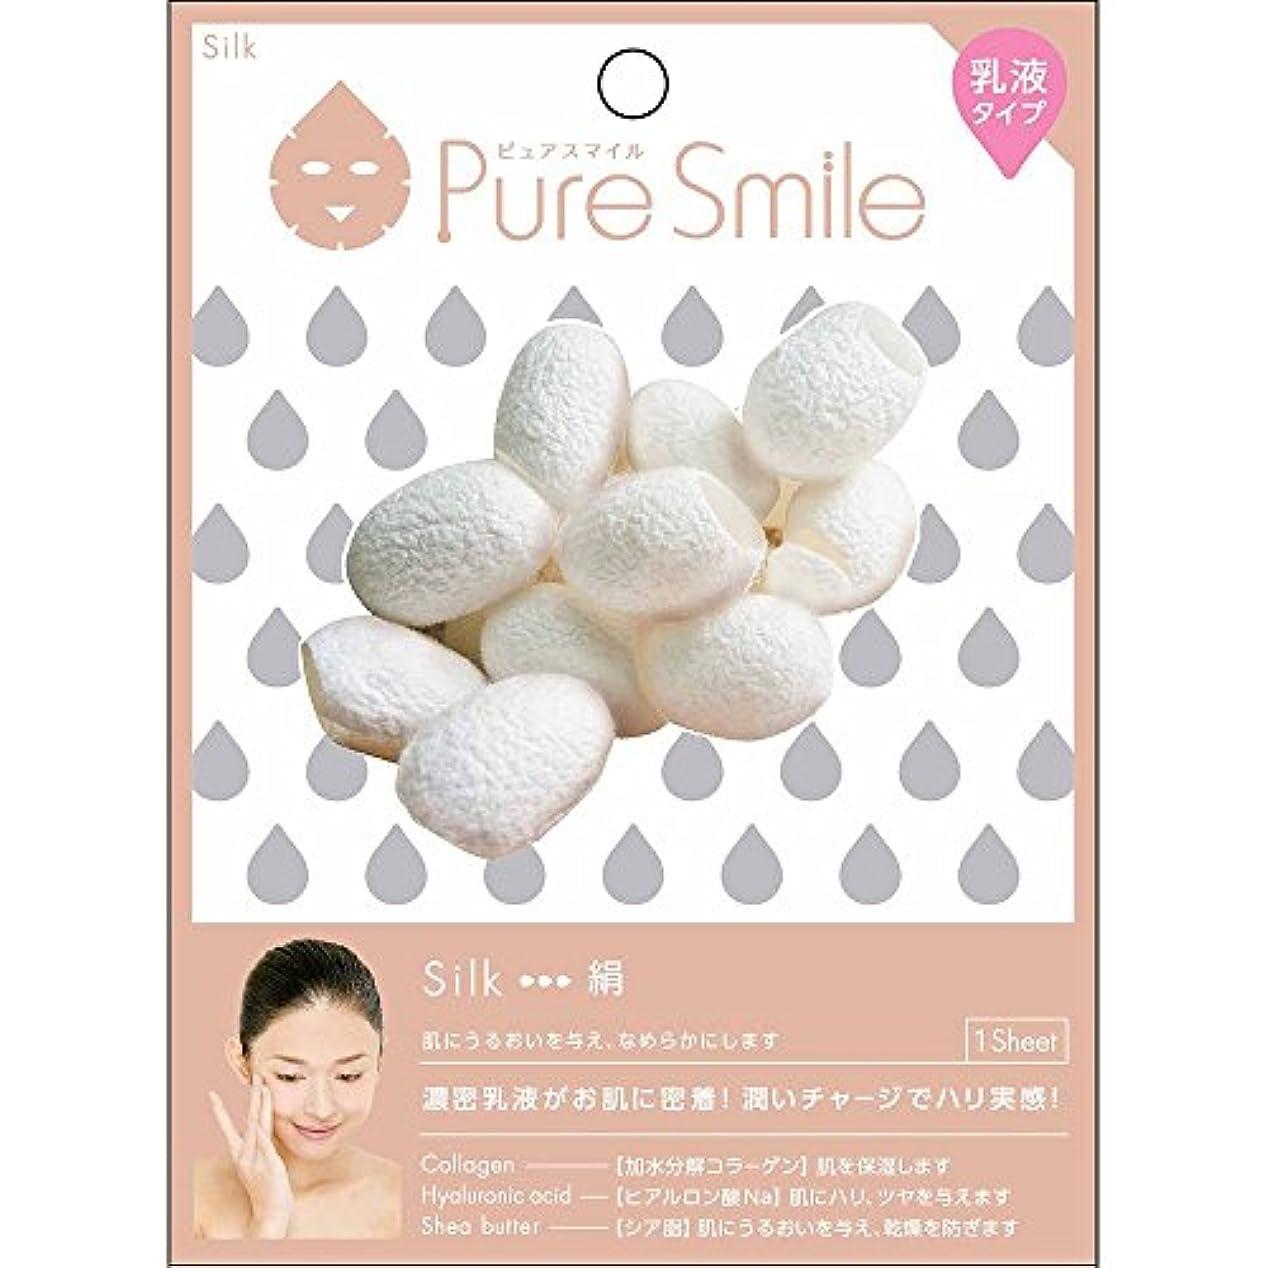 目を覚ます自分の力ですべてをする骨髄Pure Smile(ピュアスマイル) 乳液エッセンスマスク 1 枚 絹